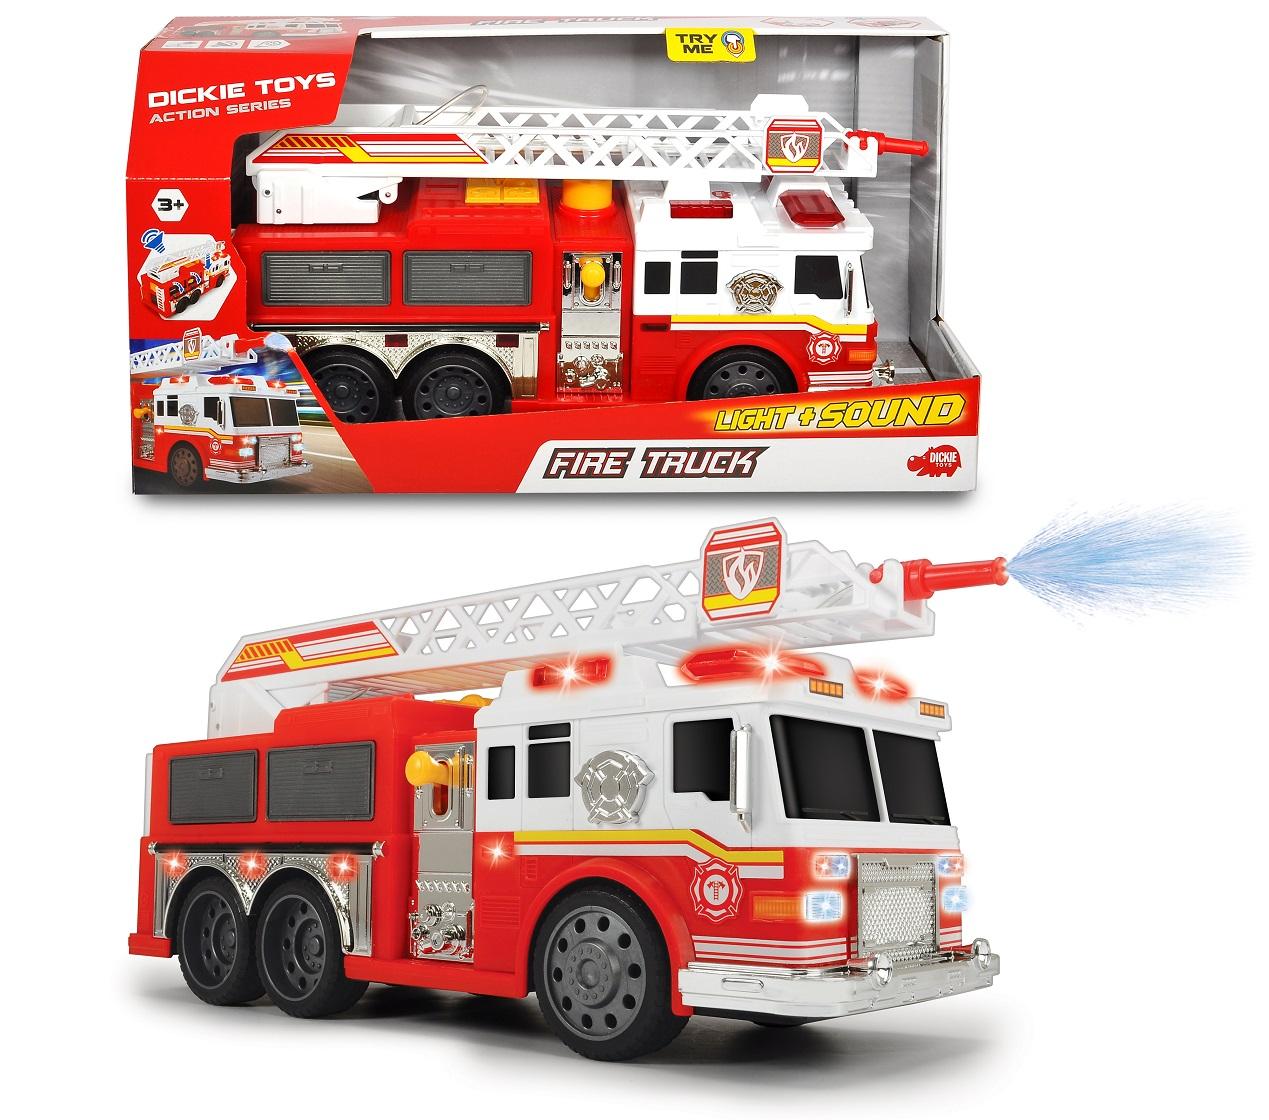 Игровые автоматы пожарная команда фильм онлайн смотреть казино чейза